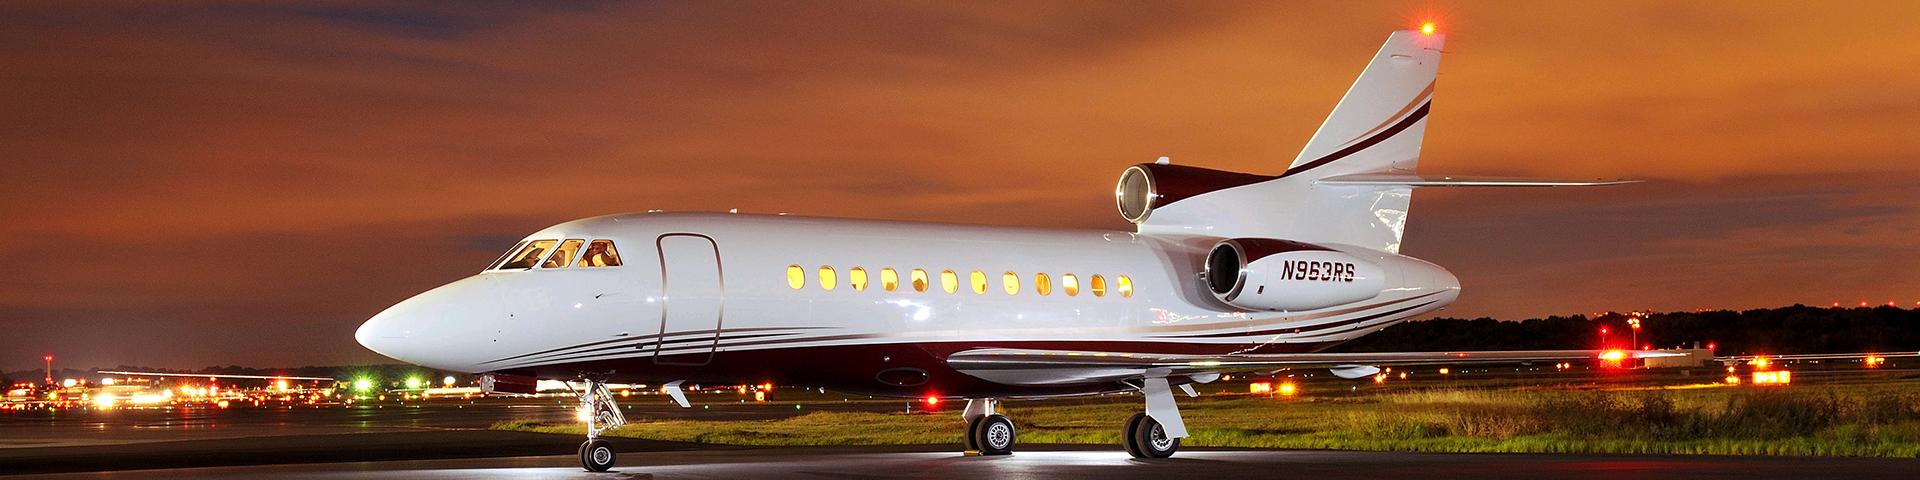 Falcon 9001 - Falcon 900 Private Jet